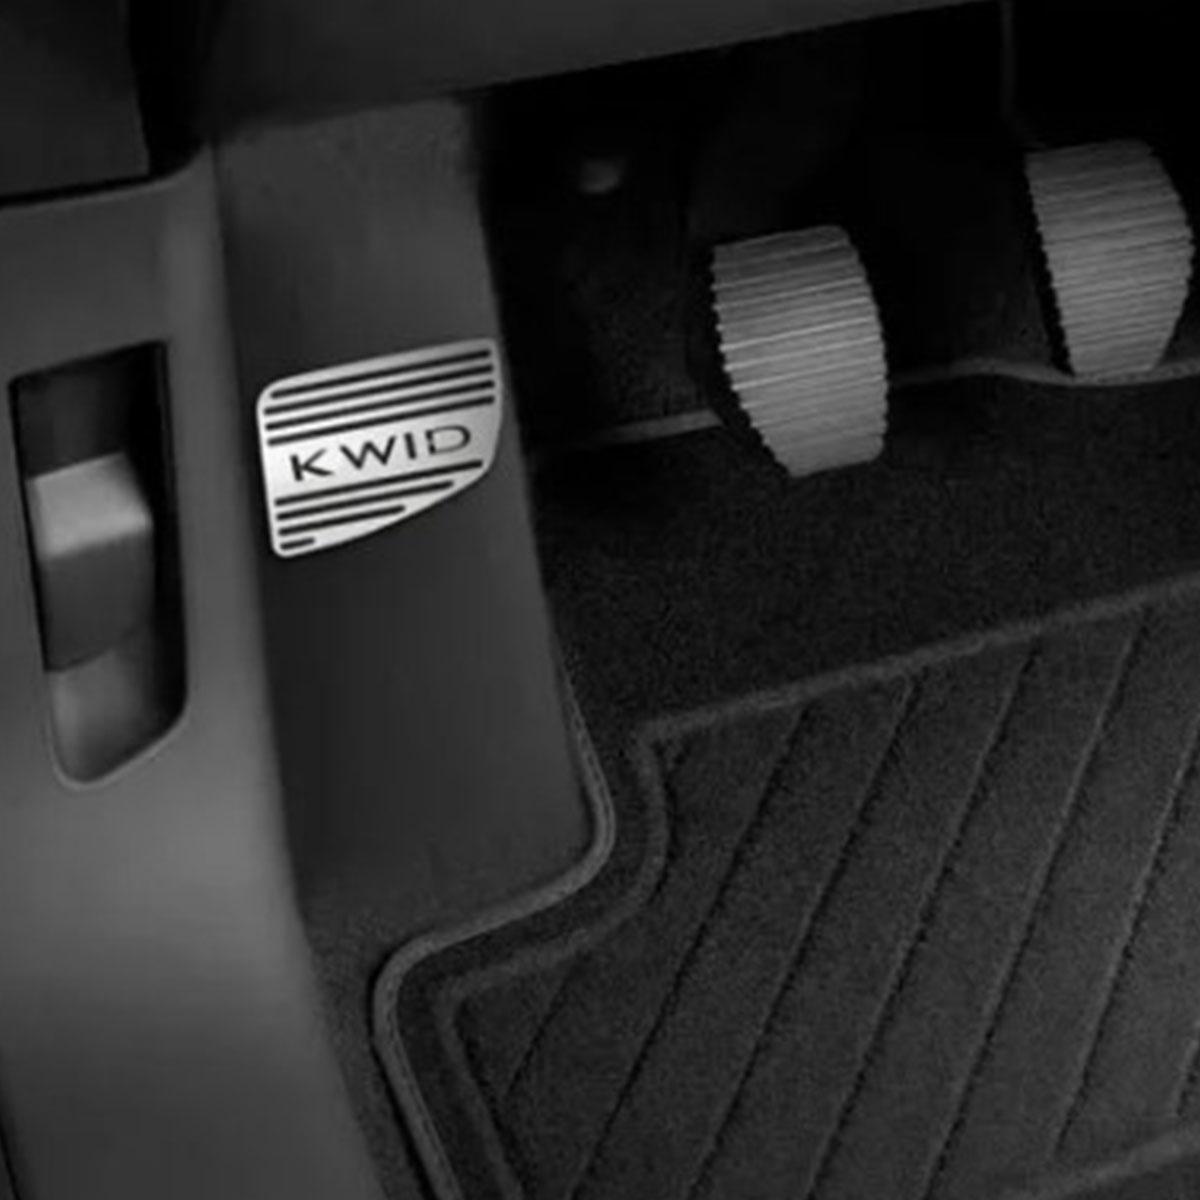 Descanso de Pé Renault kwid Aço Inox Escovado